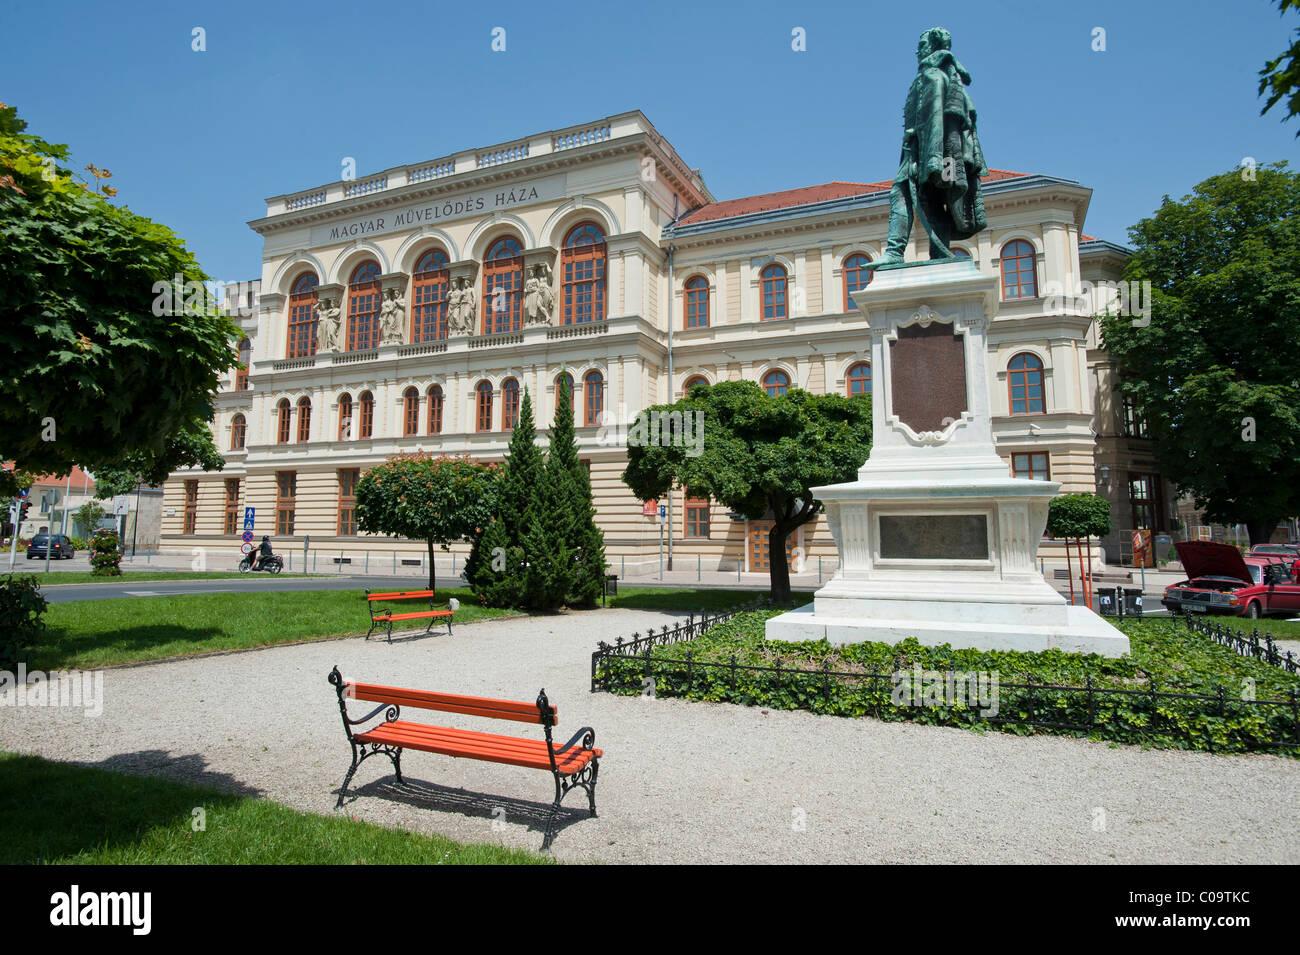 Magyar Mueveloedes Haza, concert hall, Liszt House, Sopron, Hungary, Europe - Stock Image